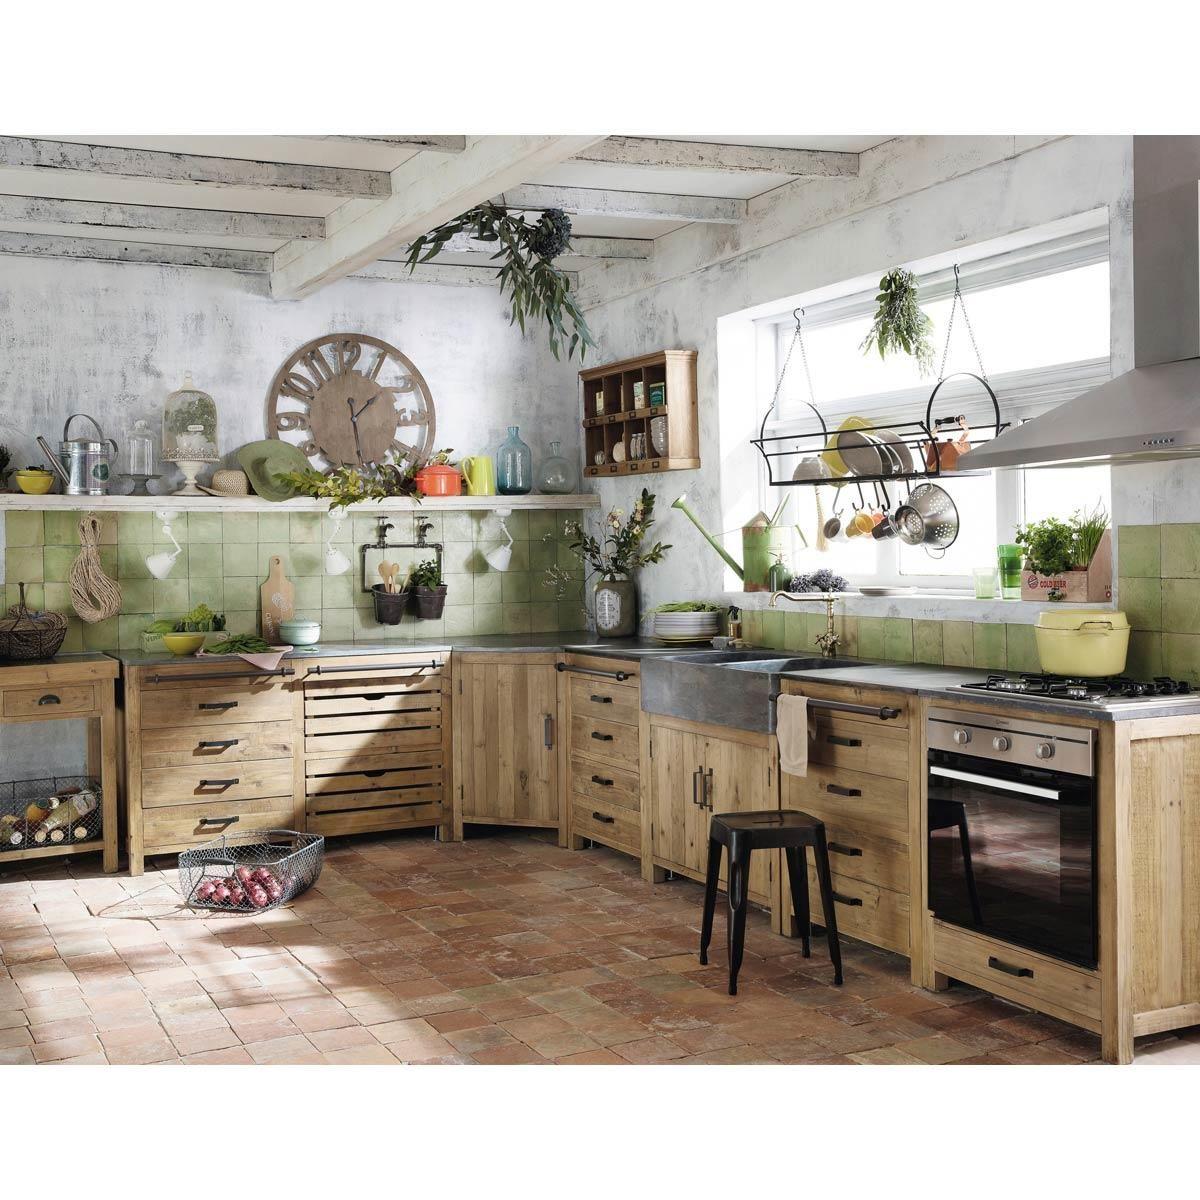 meuble bas de cuisine avec evier en bois recycle l 90 cm pagnol